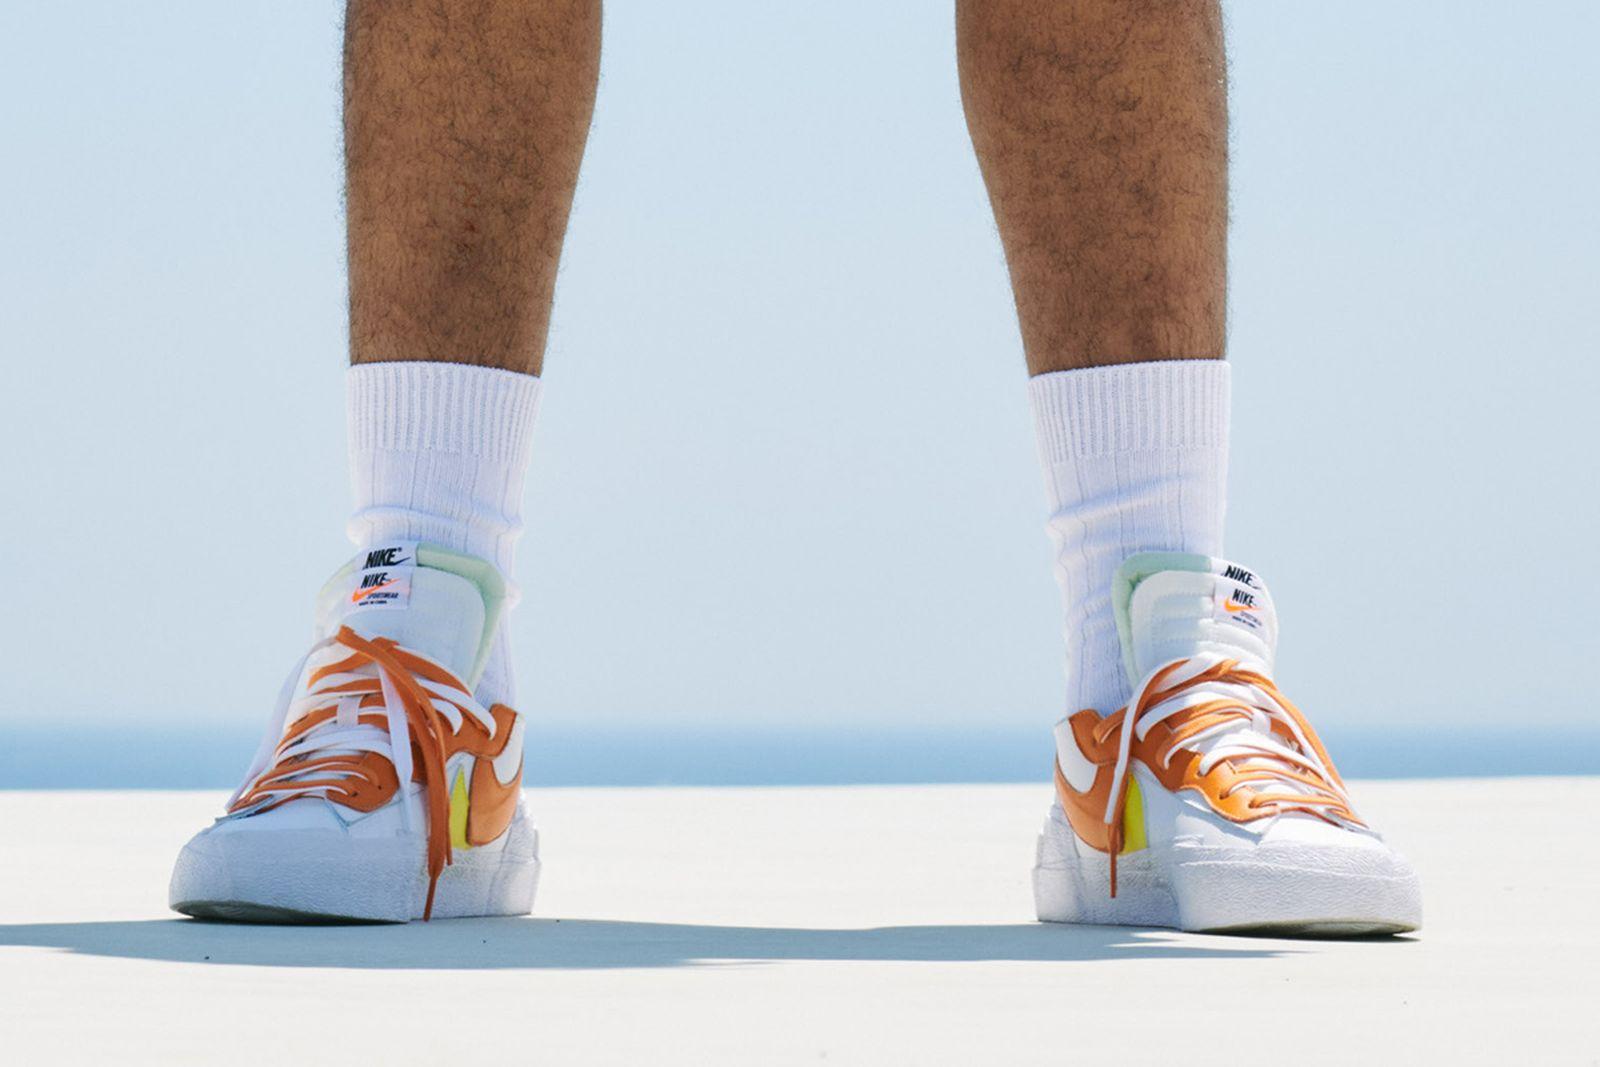 sacai x nike blazer low preview orange colorway